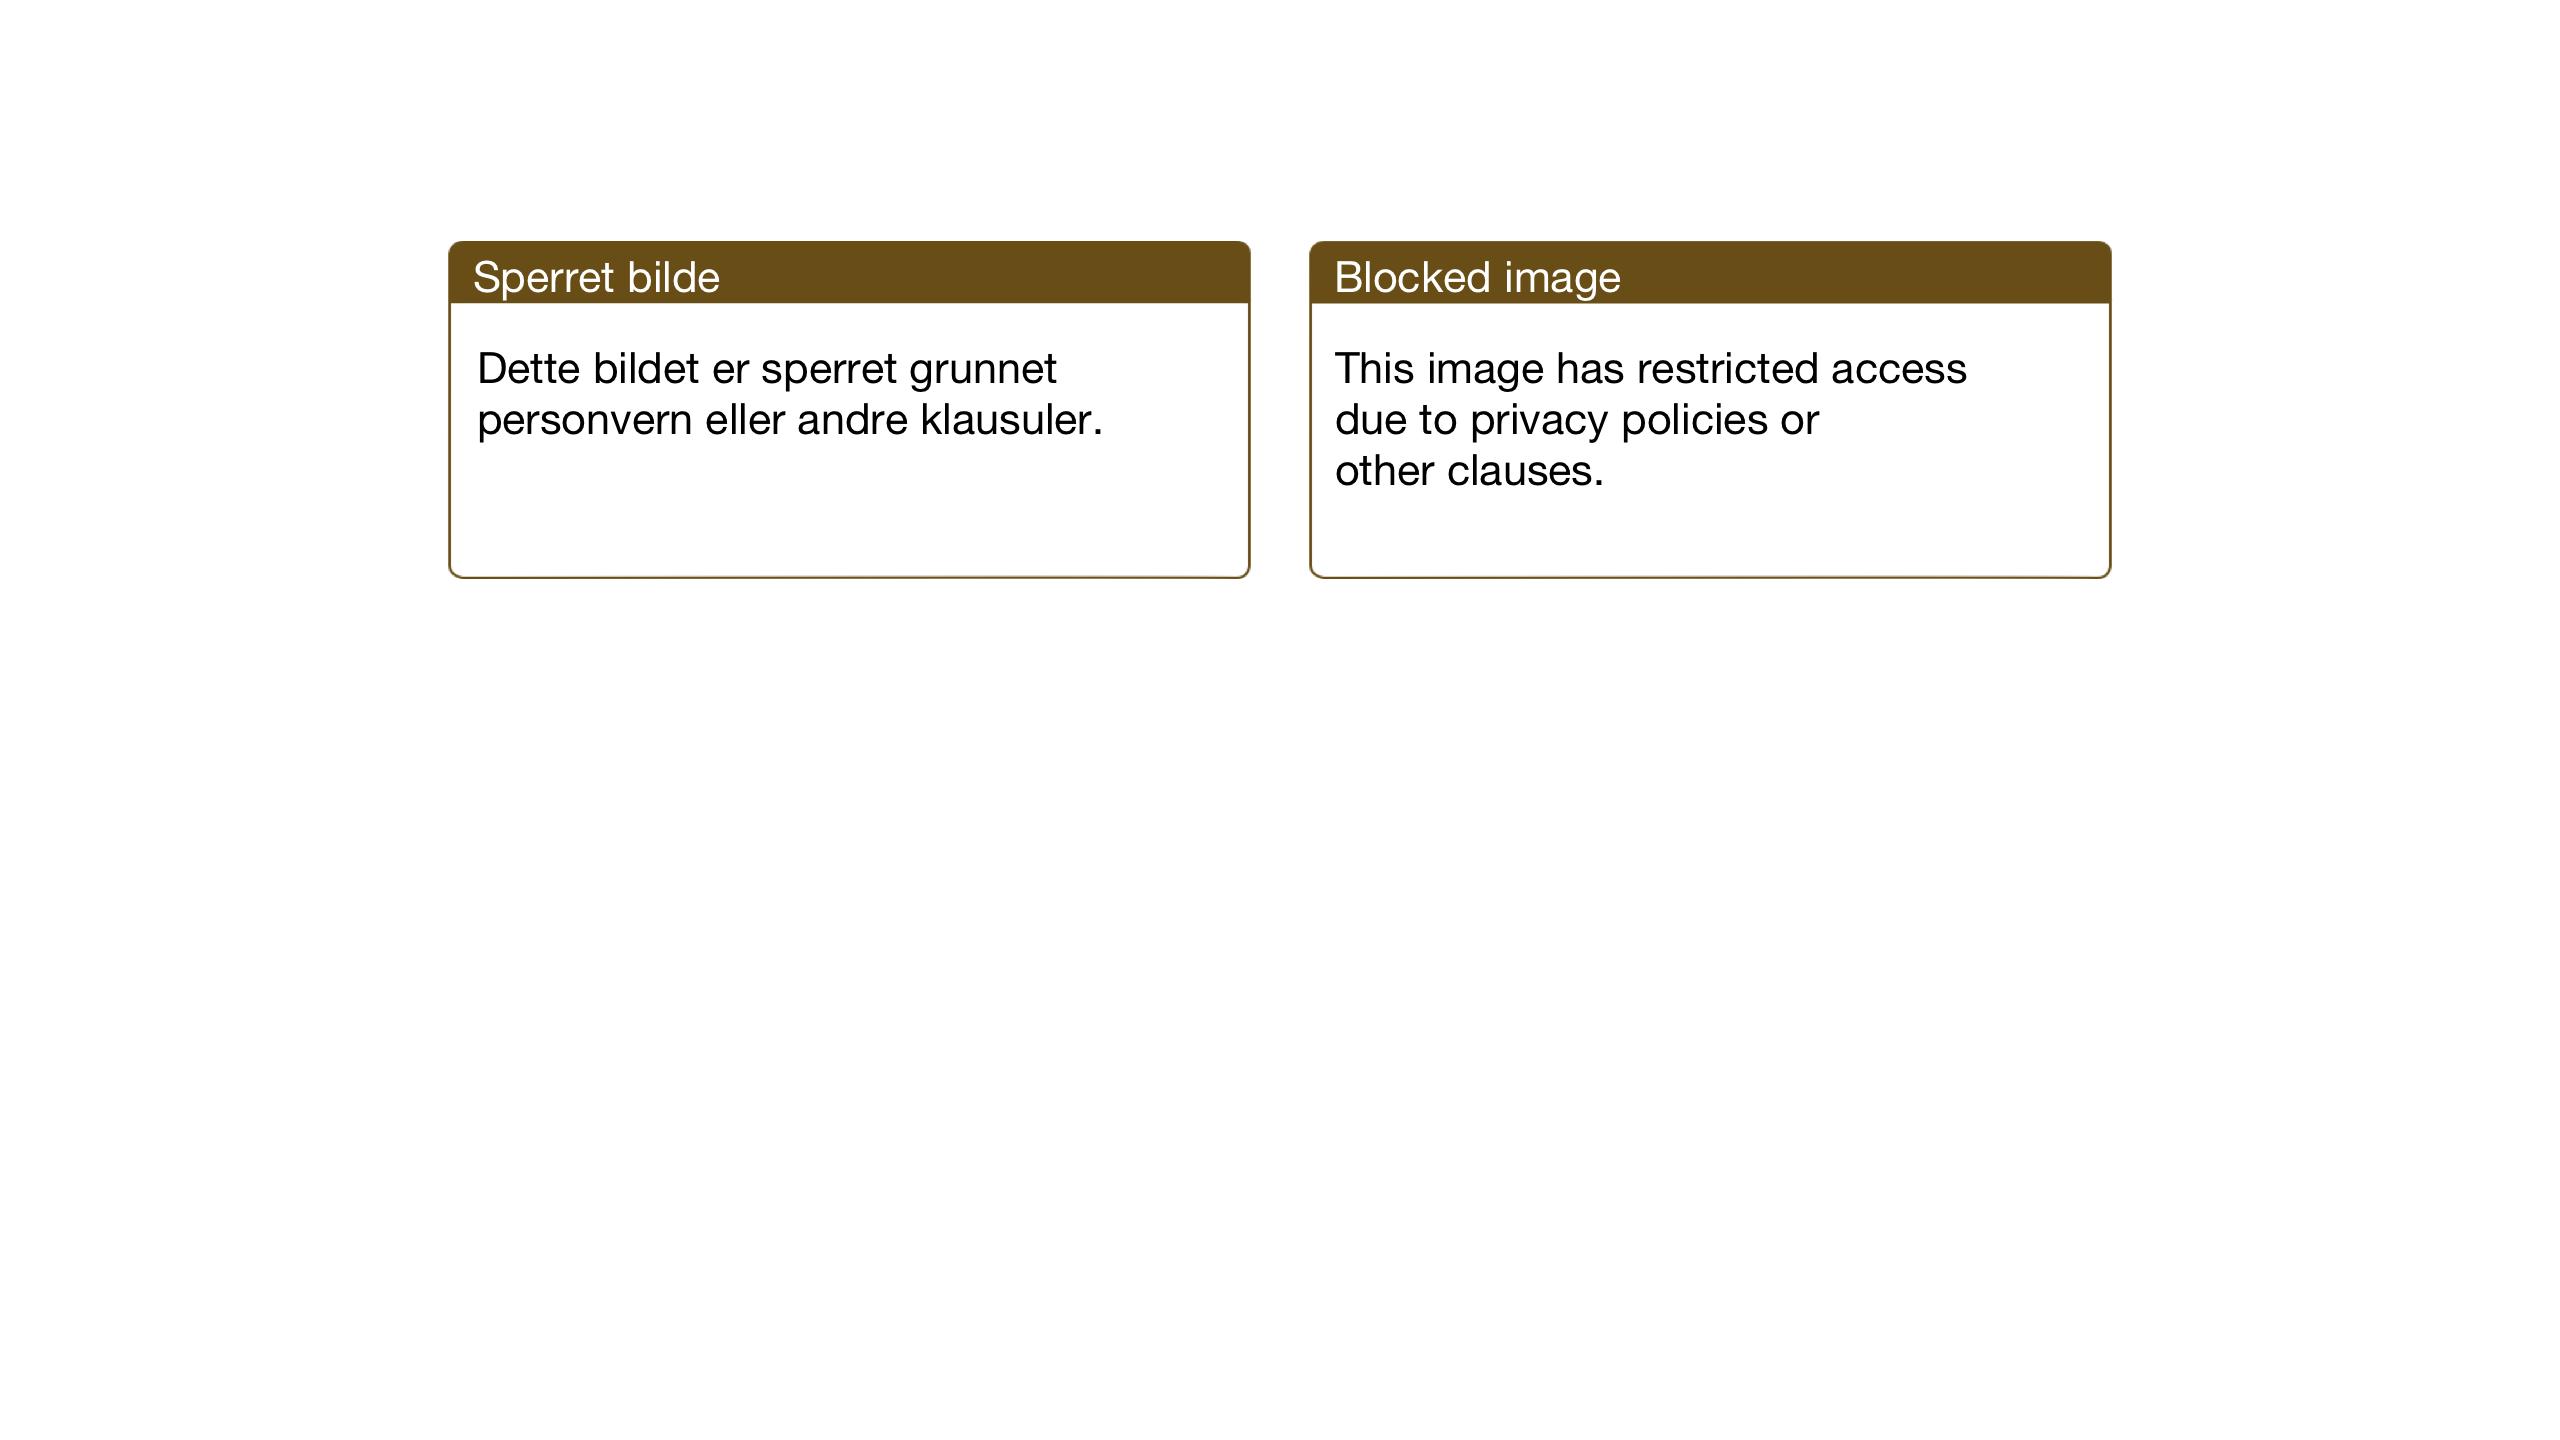 SAT, Ministerialprotokoller, klokkerbøker og fødselsregistre - Sør-Trøndelag, 605/L0259: Klokkerbok nr. 605C06, 1920-1937, s. 224